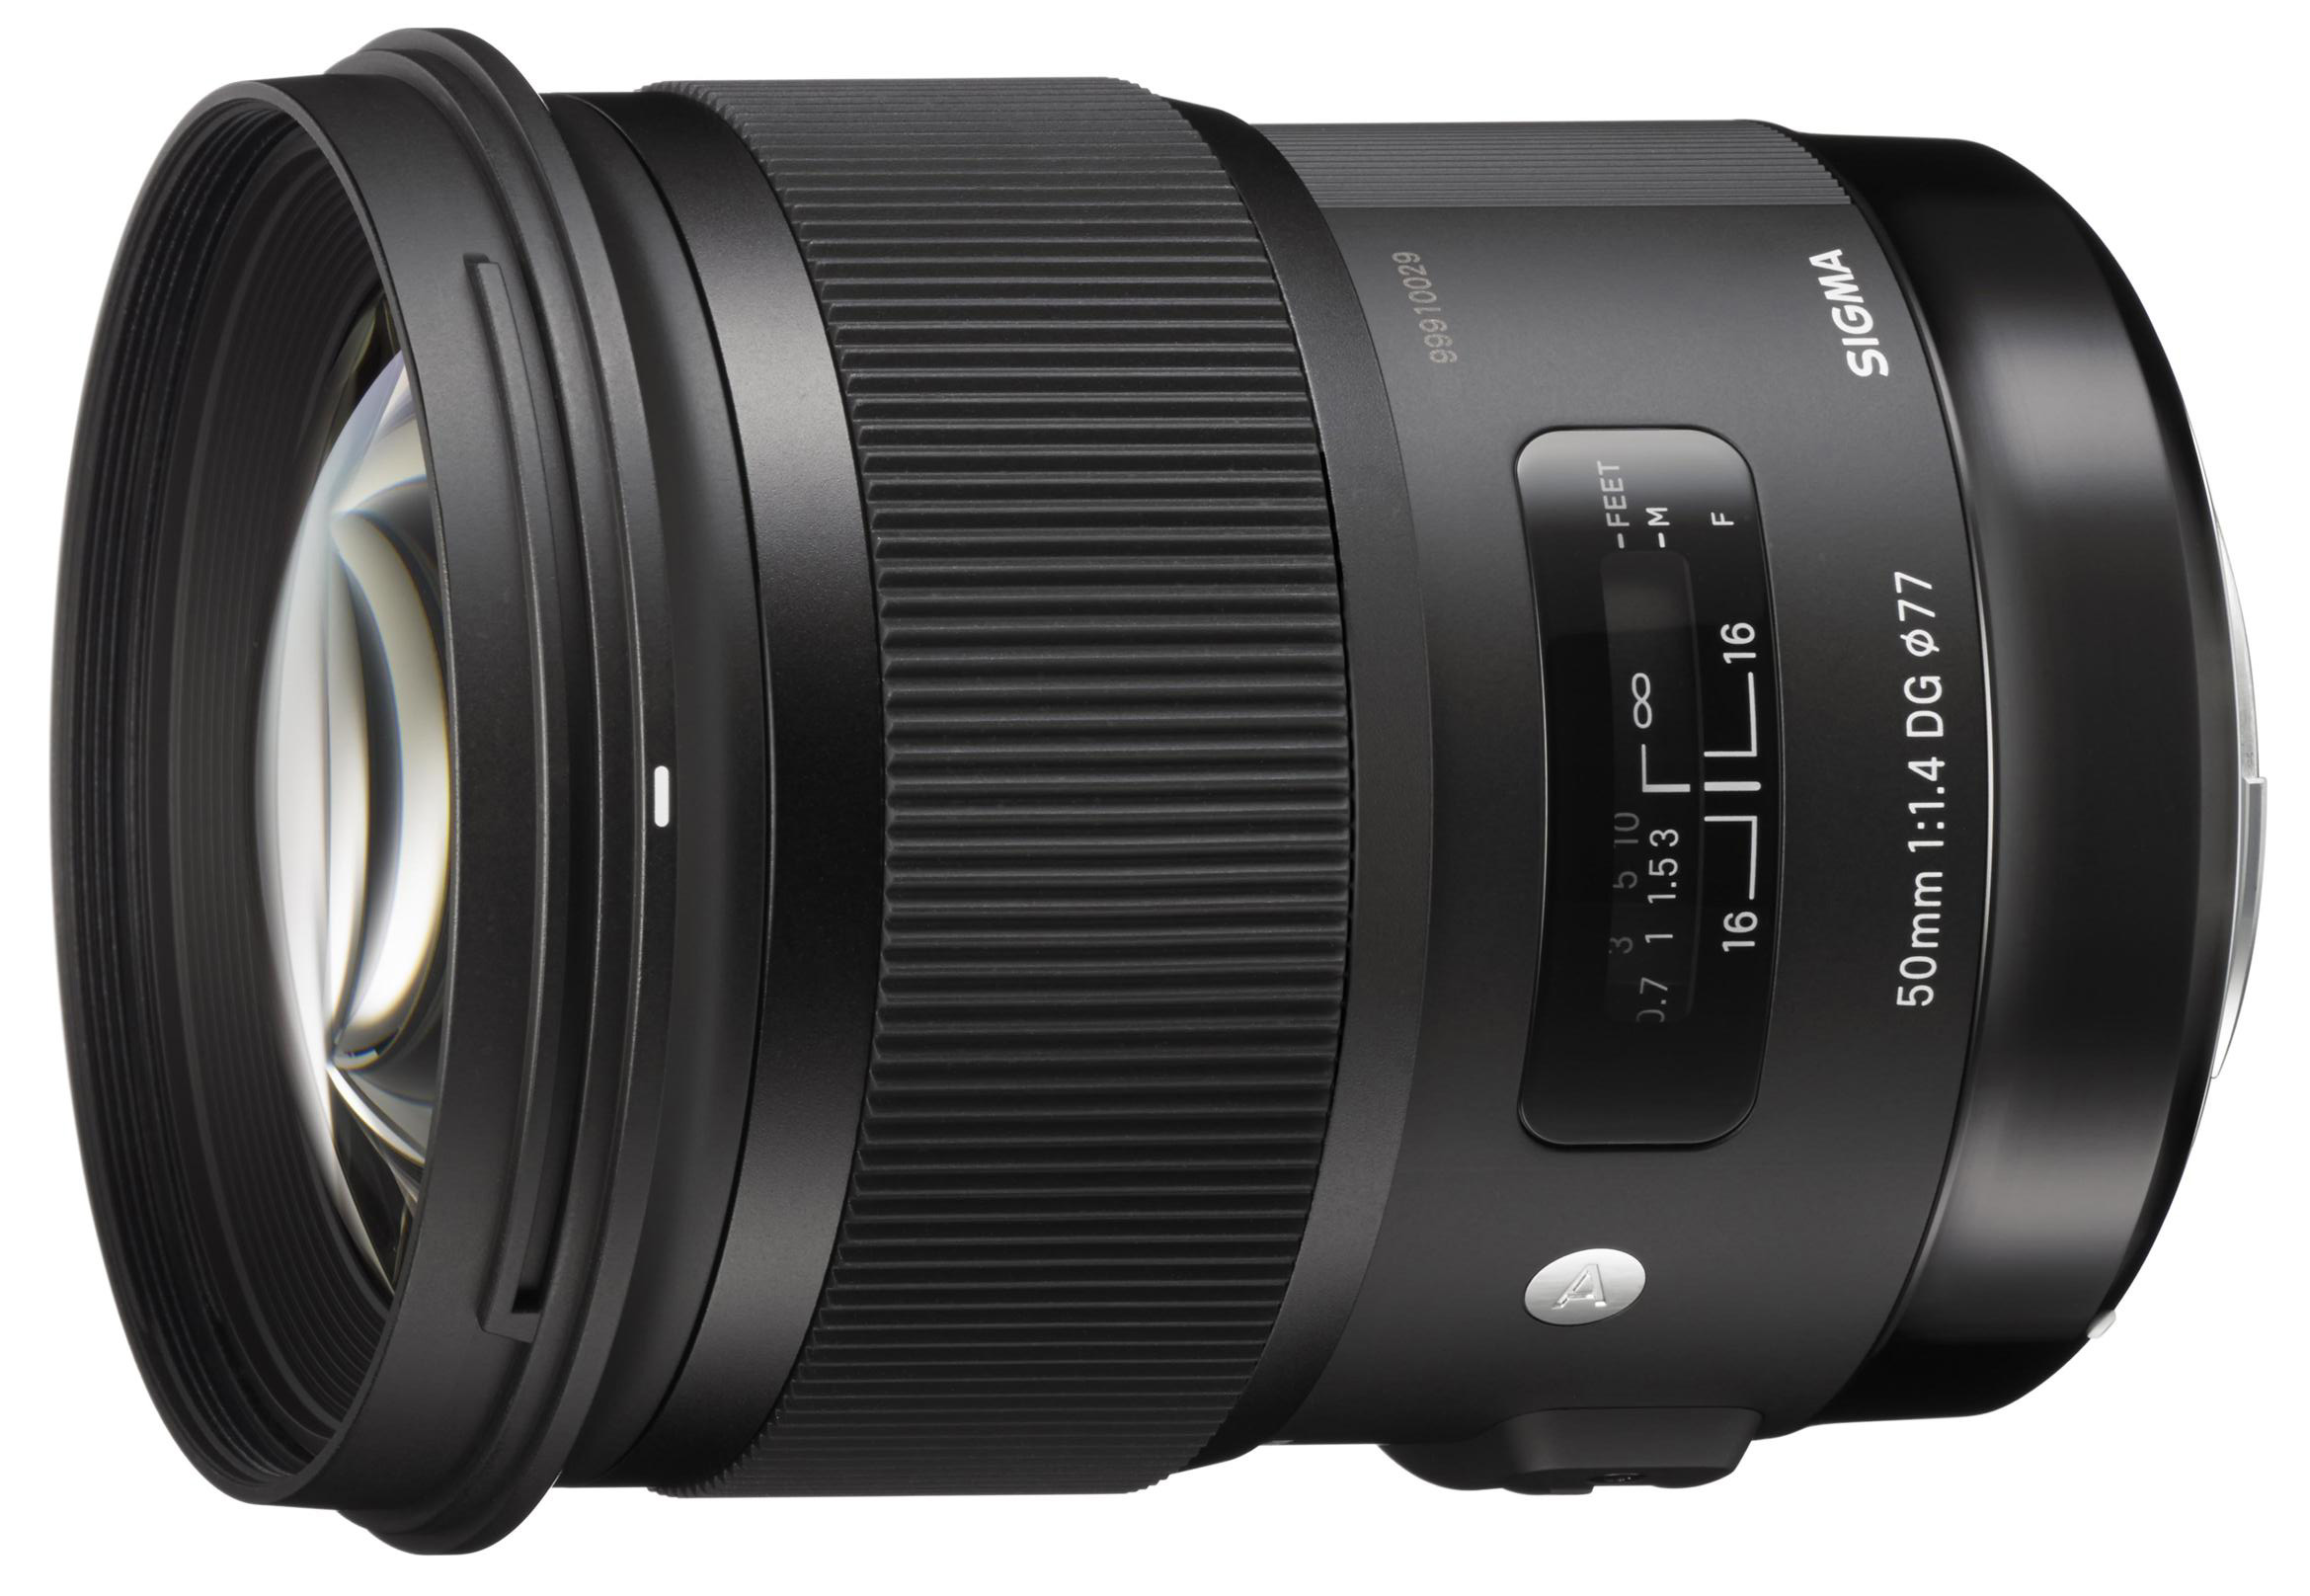 Sigma 50mm f/1.4 ART